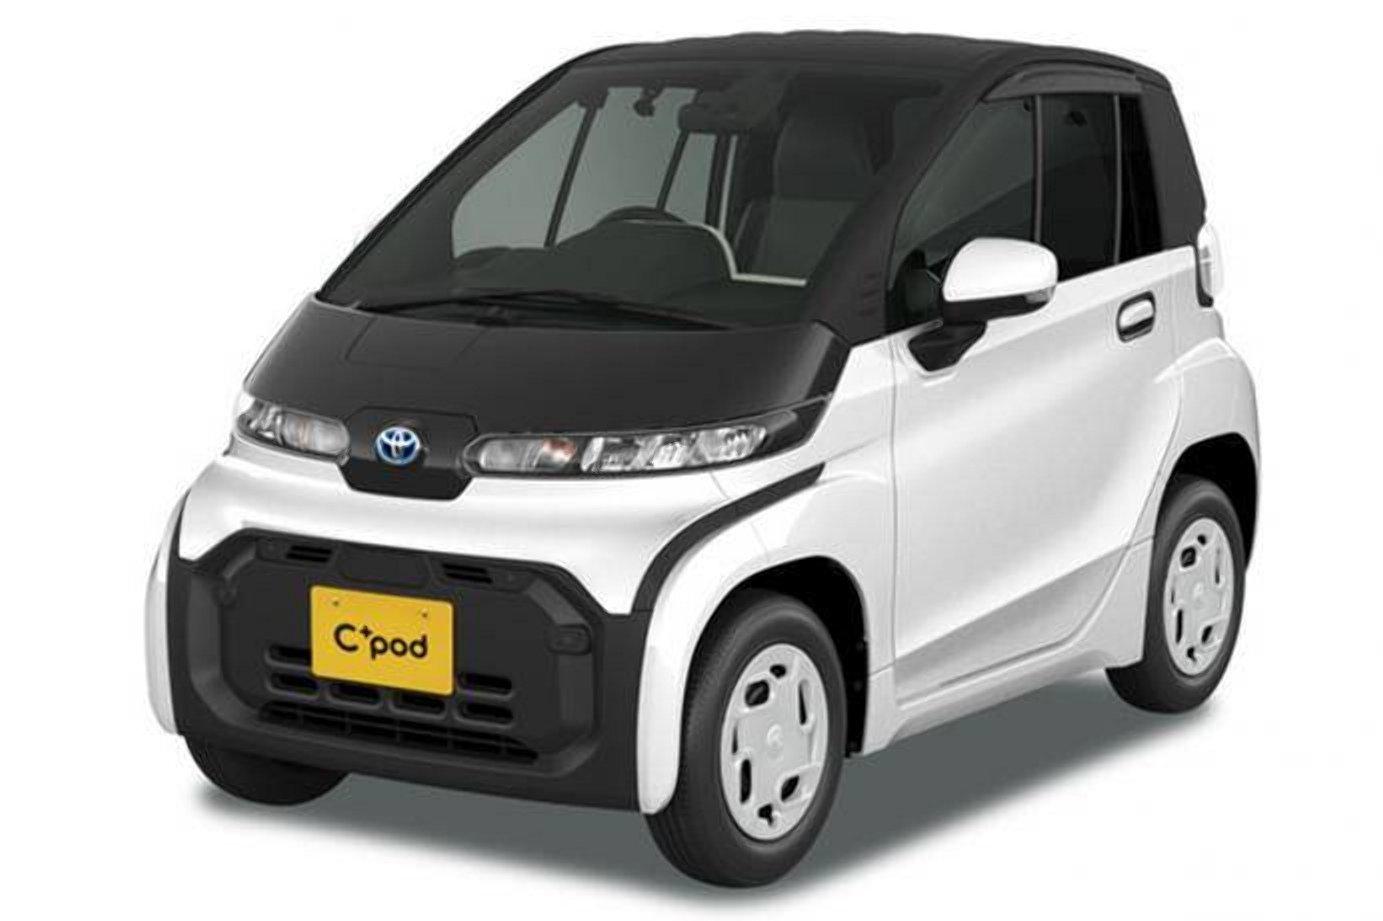 Toyota почала продавати електромобіль за 16 000 доларів